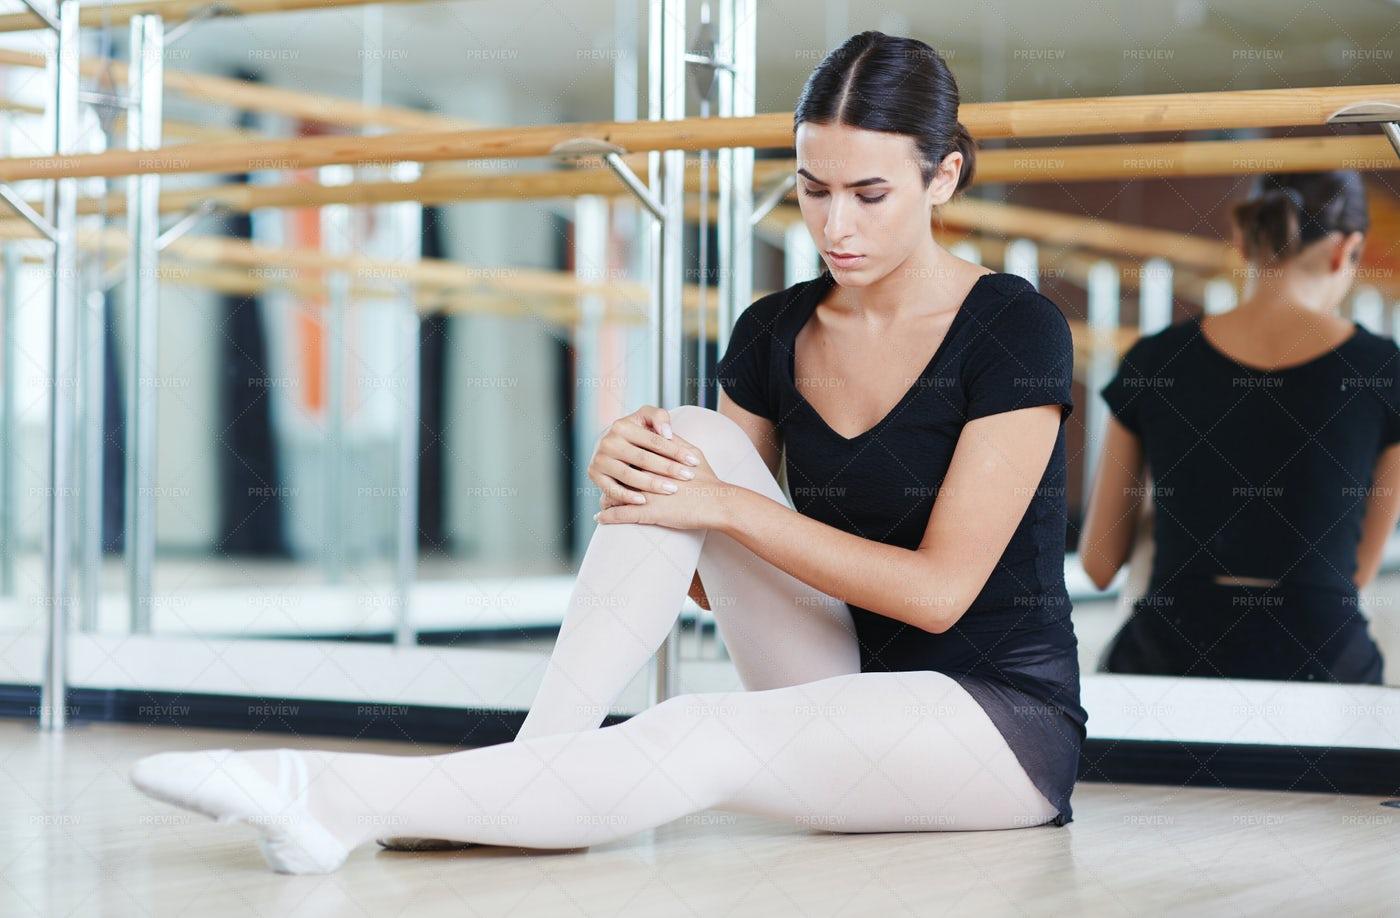 Young Girl Preparing For Ballet Class: Stock Photos